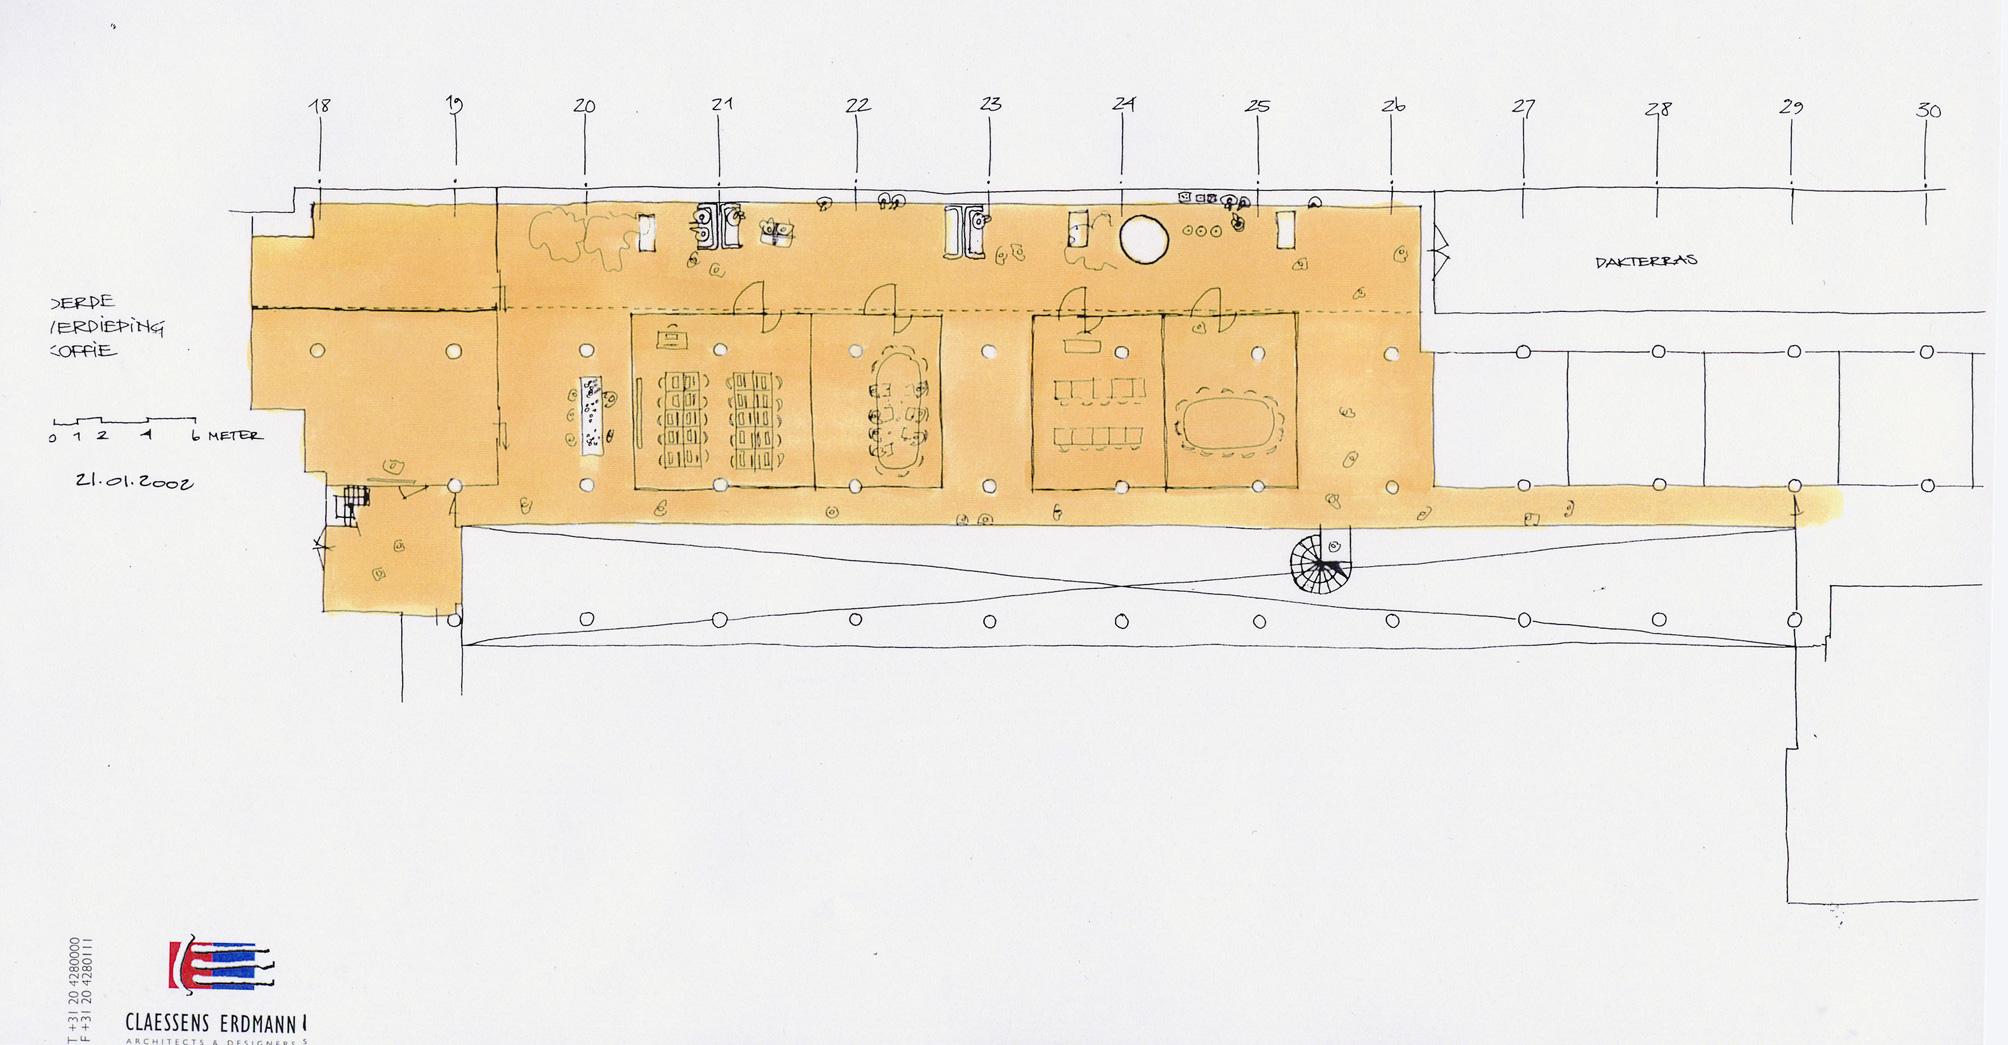 Van nelle ontwerp fabriek plattegrond branderij 3 for Ontwerp plattegrond